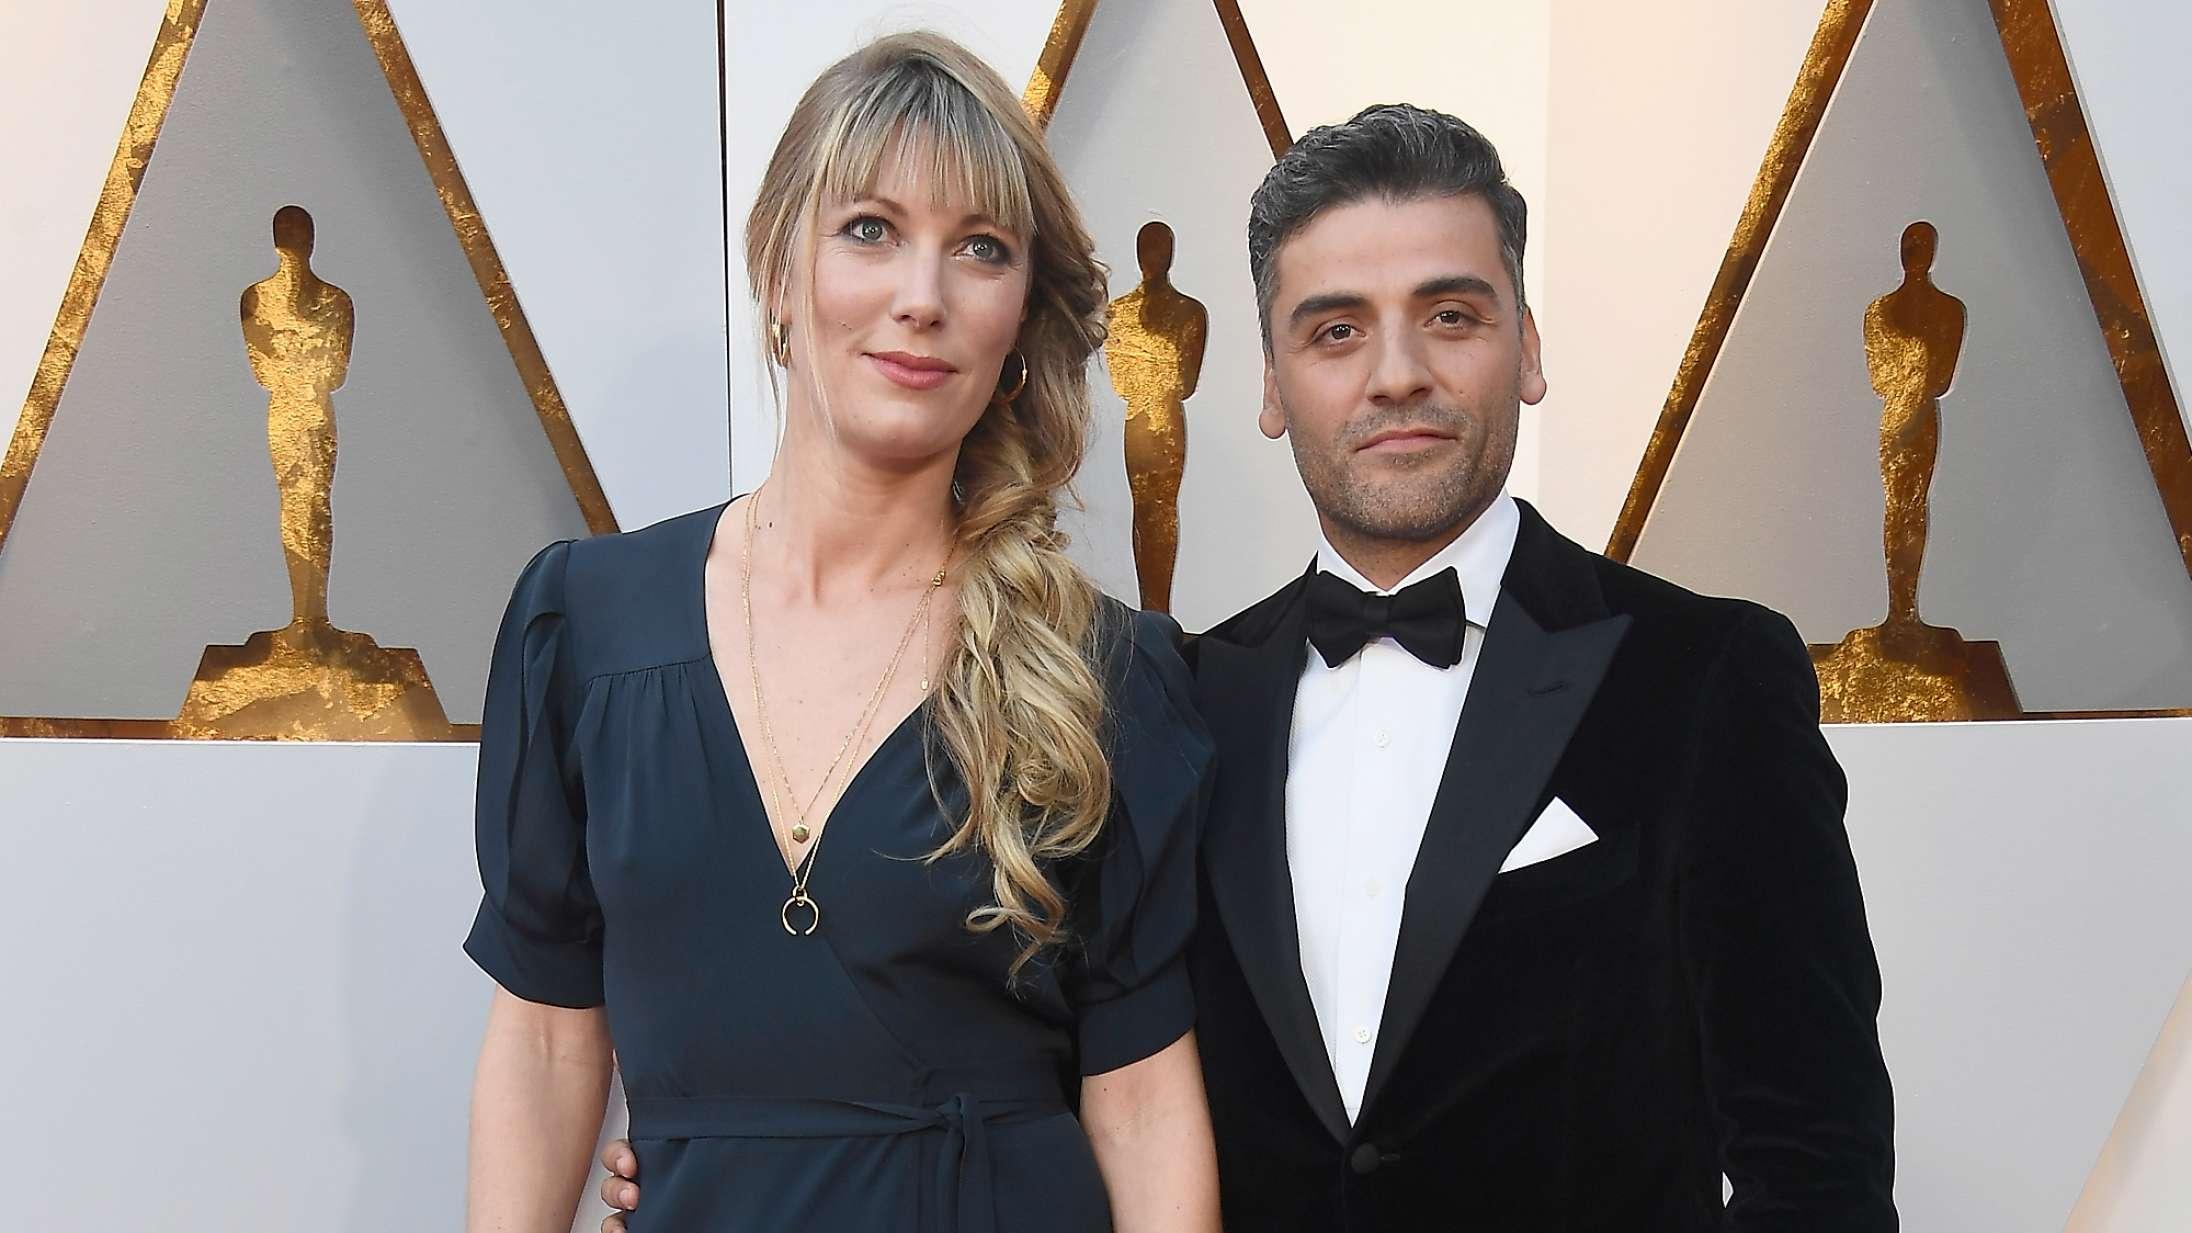 »Det er jo helt tosset« – Danske Elvira Lind kan vinde en Oscar for kortfilm med Oscar Isaac